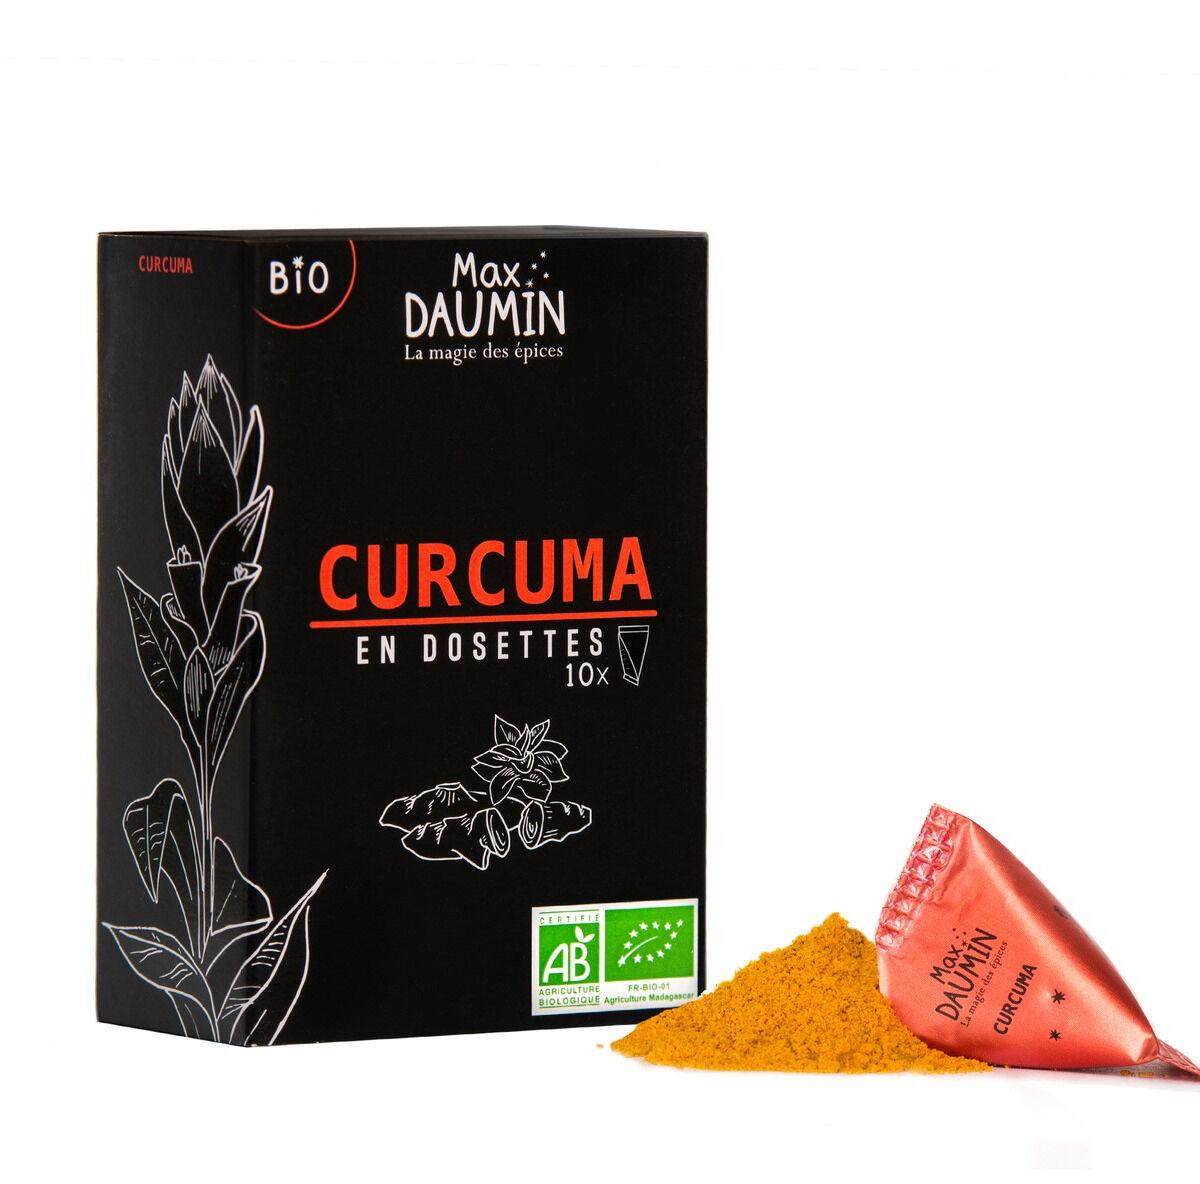 Epices Max Daumin Curcuma Bio - Boite de dix dosettes